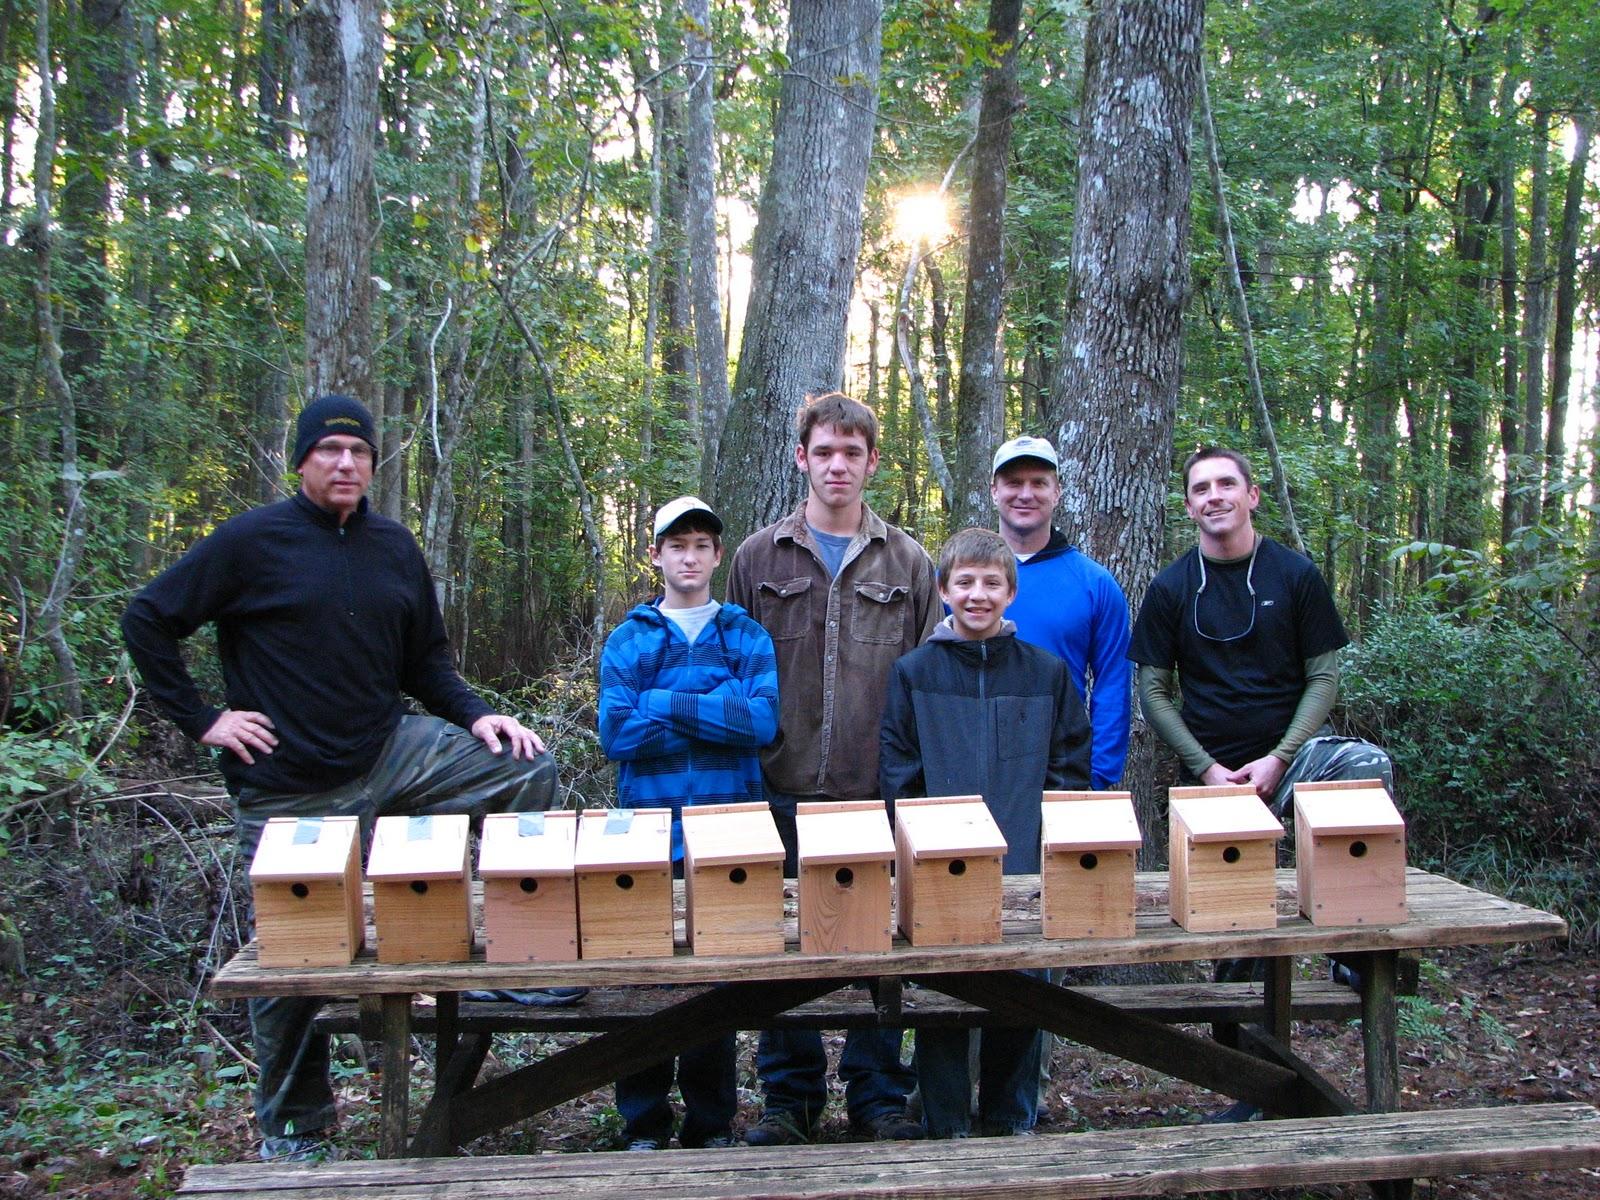 Backyard Jungle Cub Scouts : PDF DIY Birdhouse Plans Cub Scouts Download bob key workbench